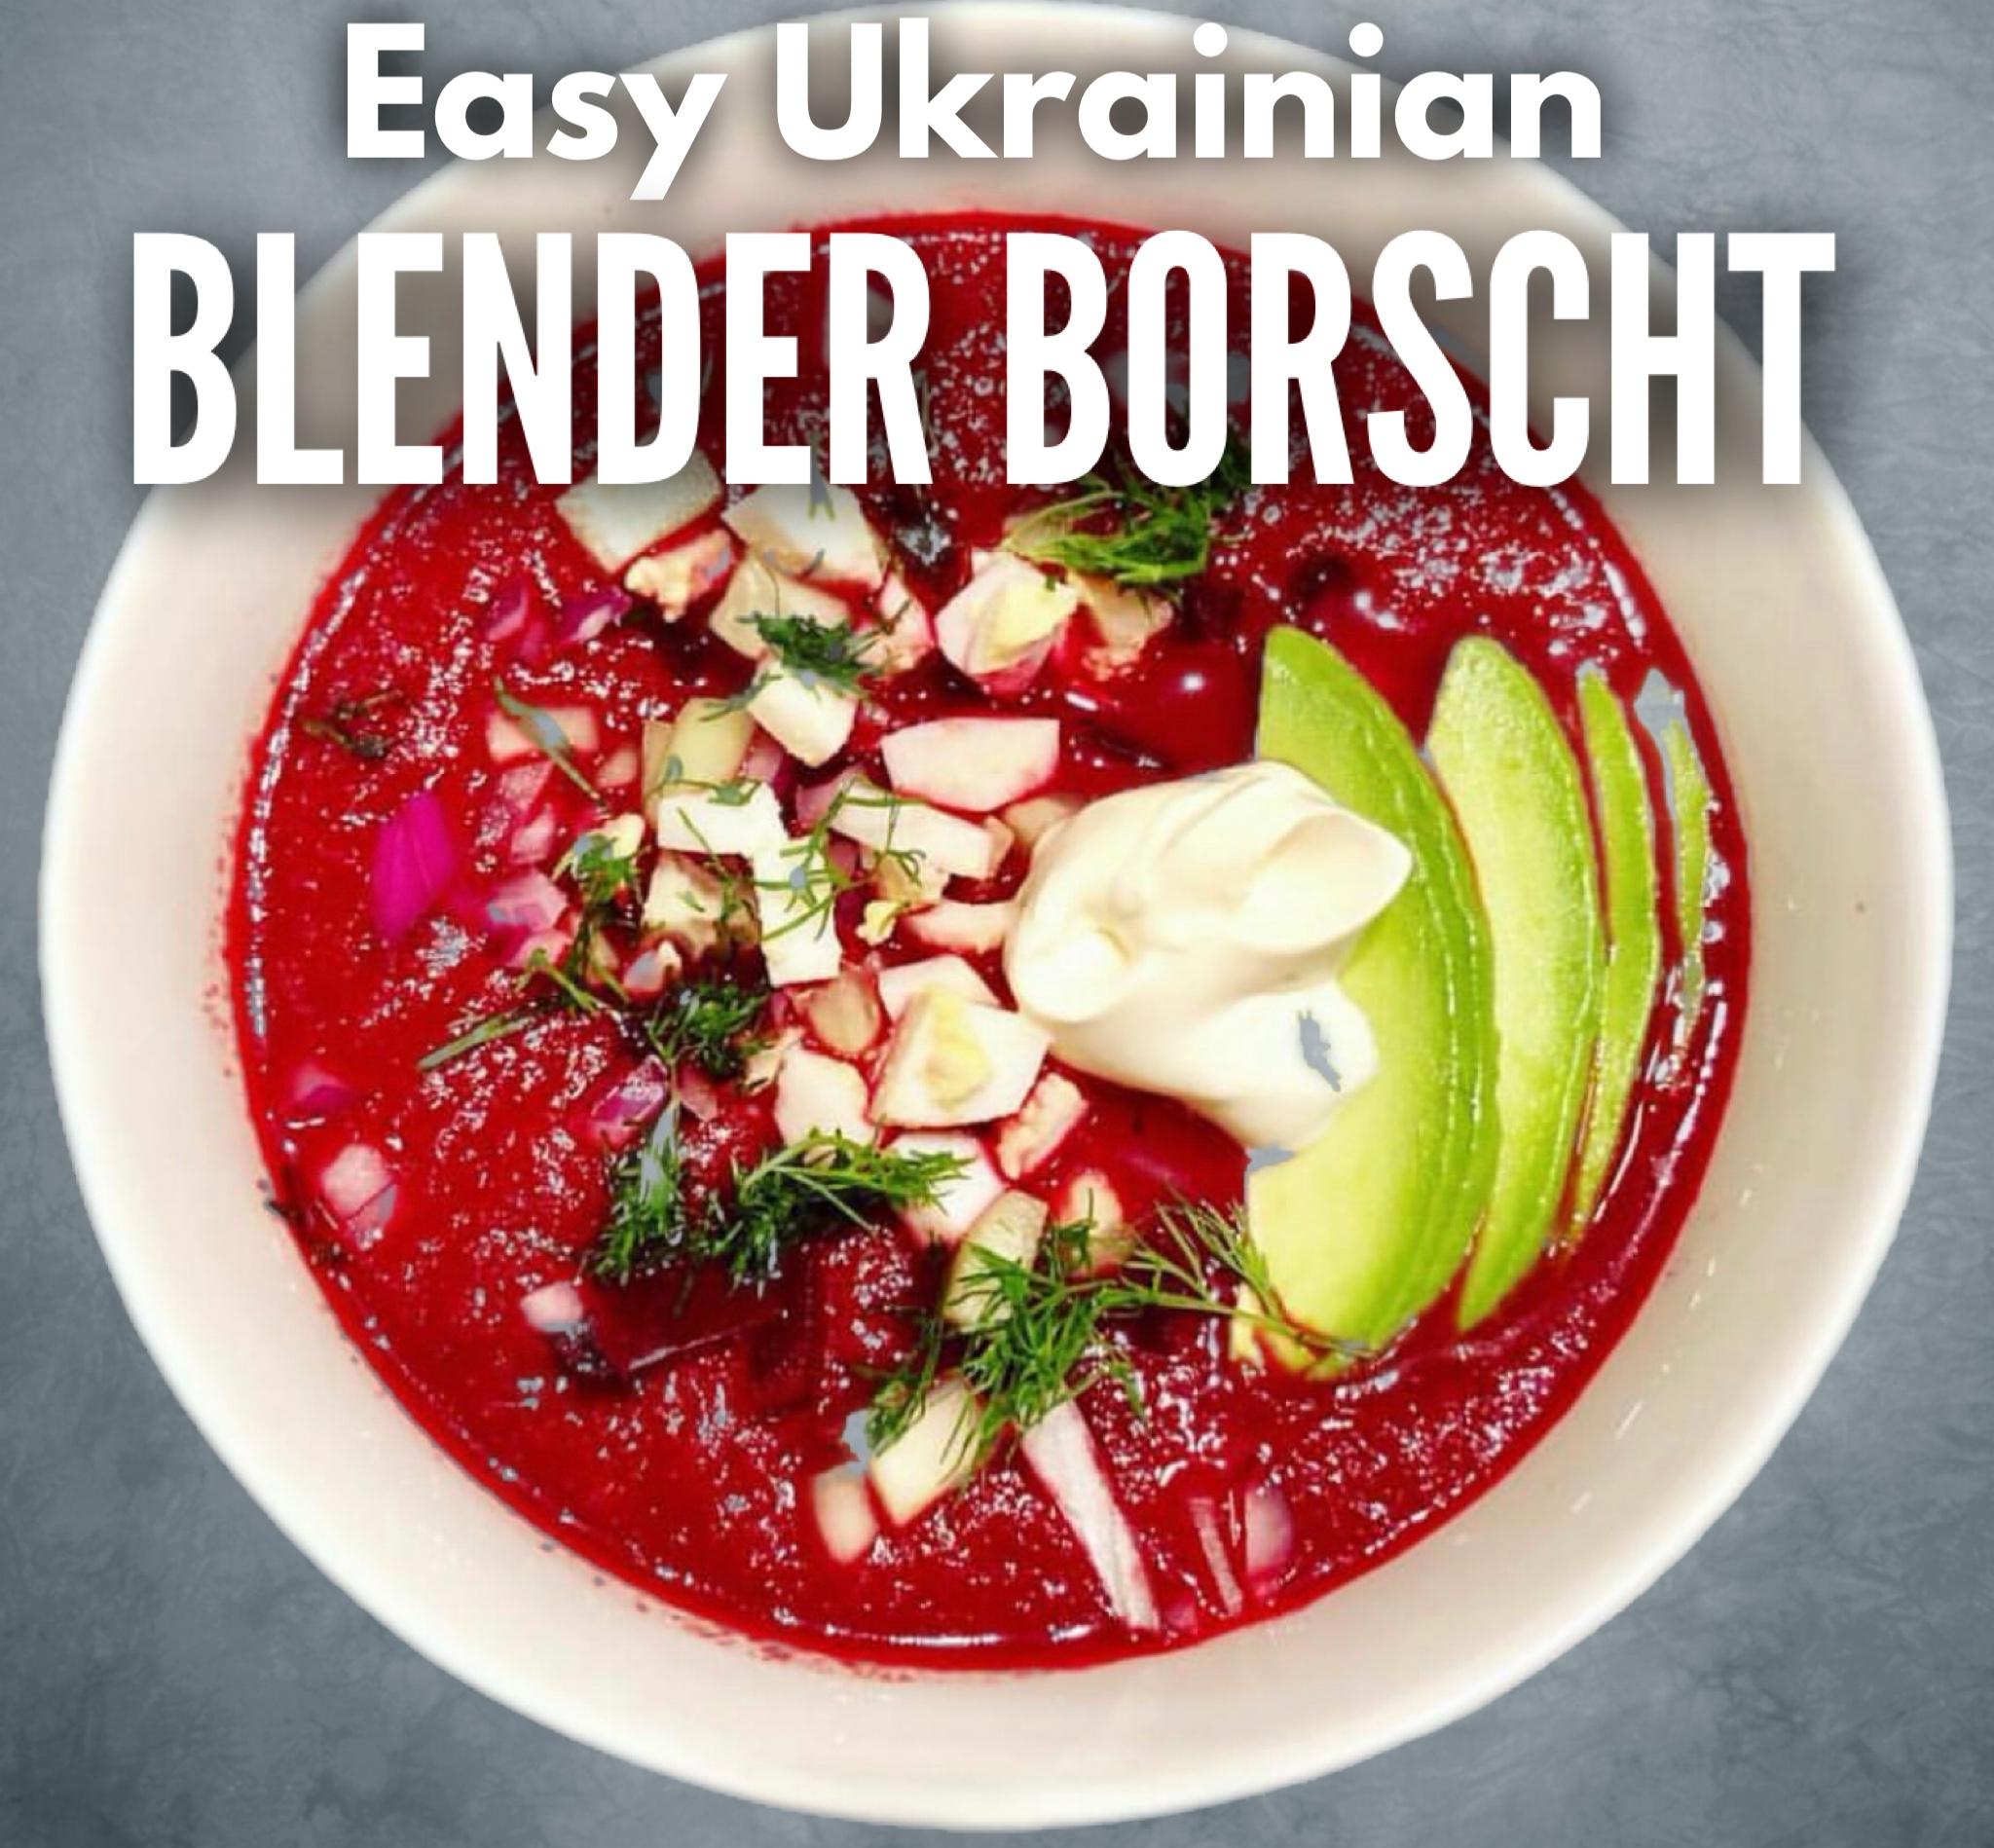 Easy Ukranian Blender Borscht